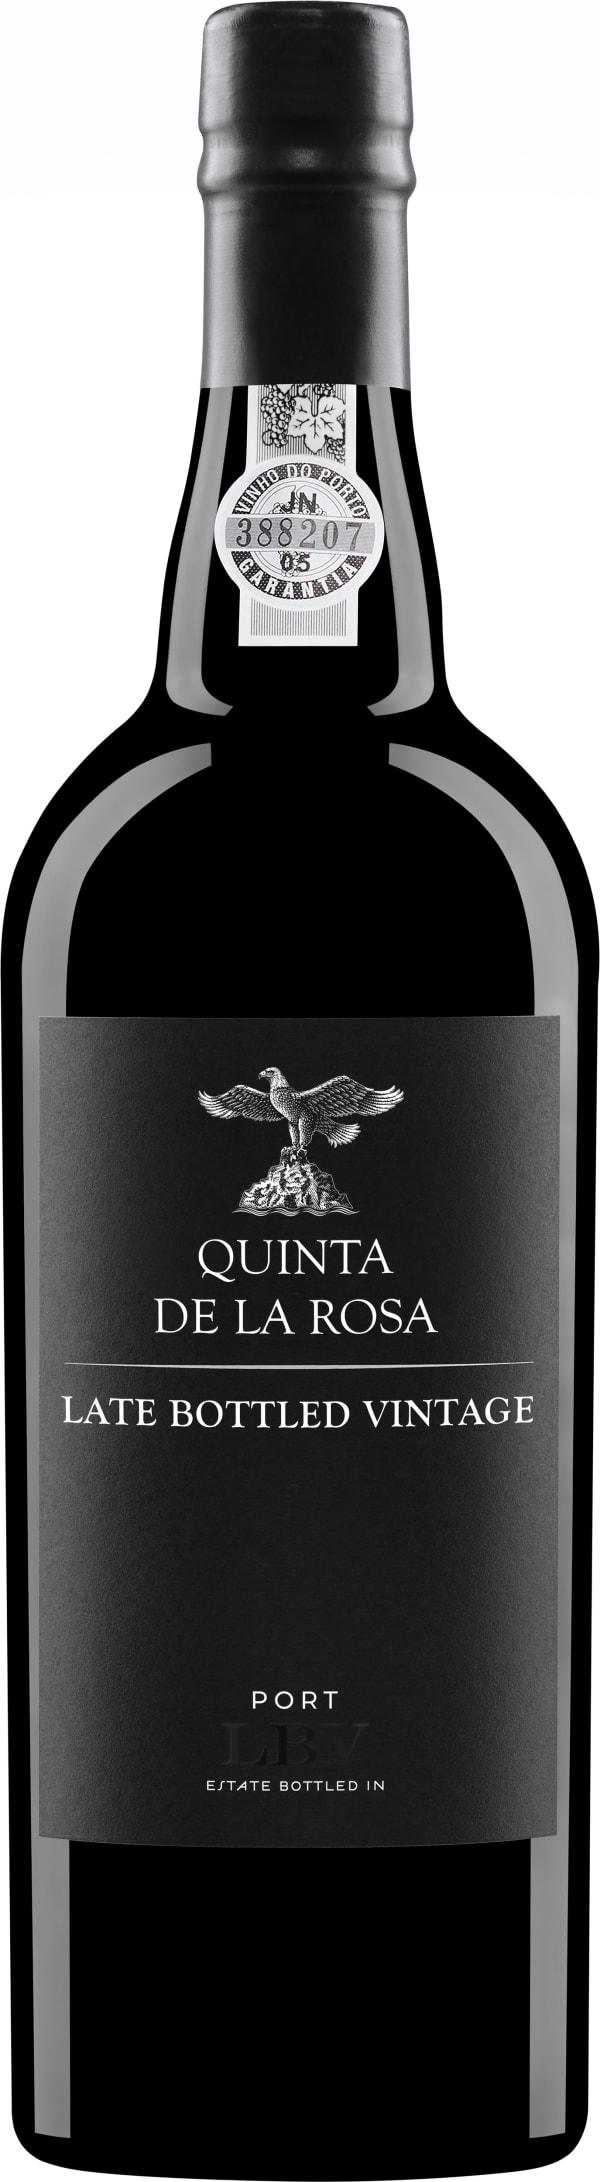 Quinta de la Rosa Late Bottled Vintage Port 2015